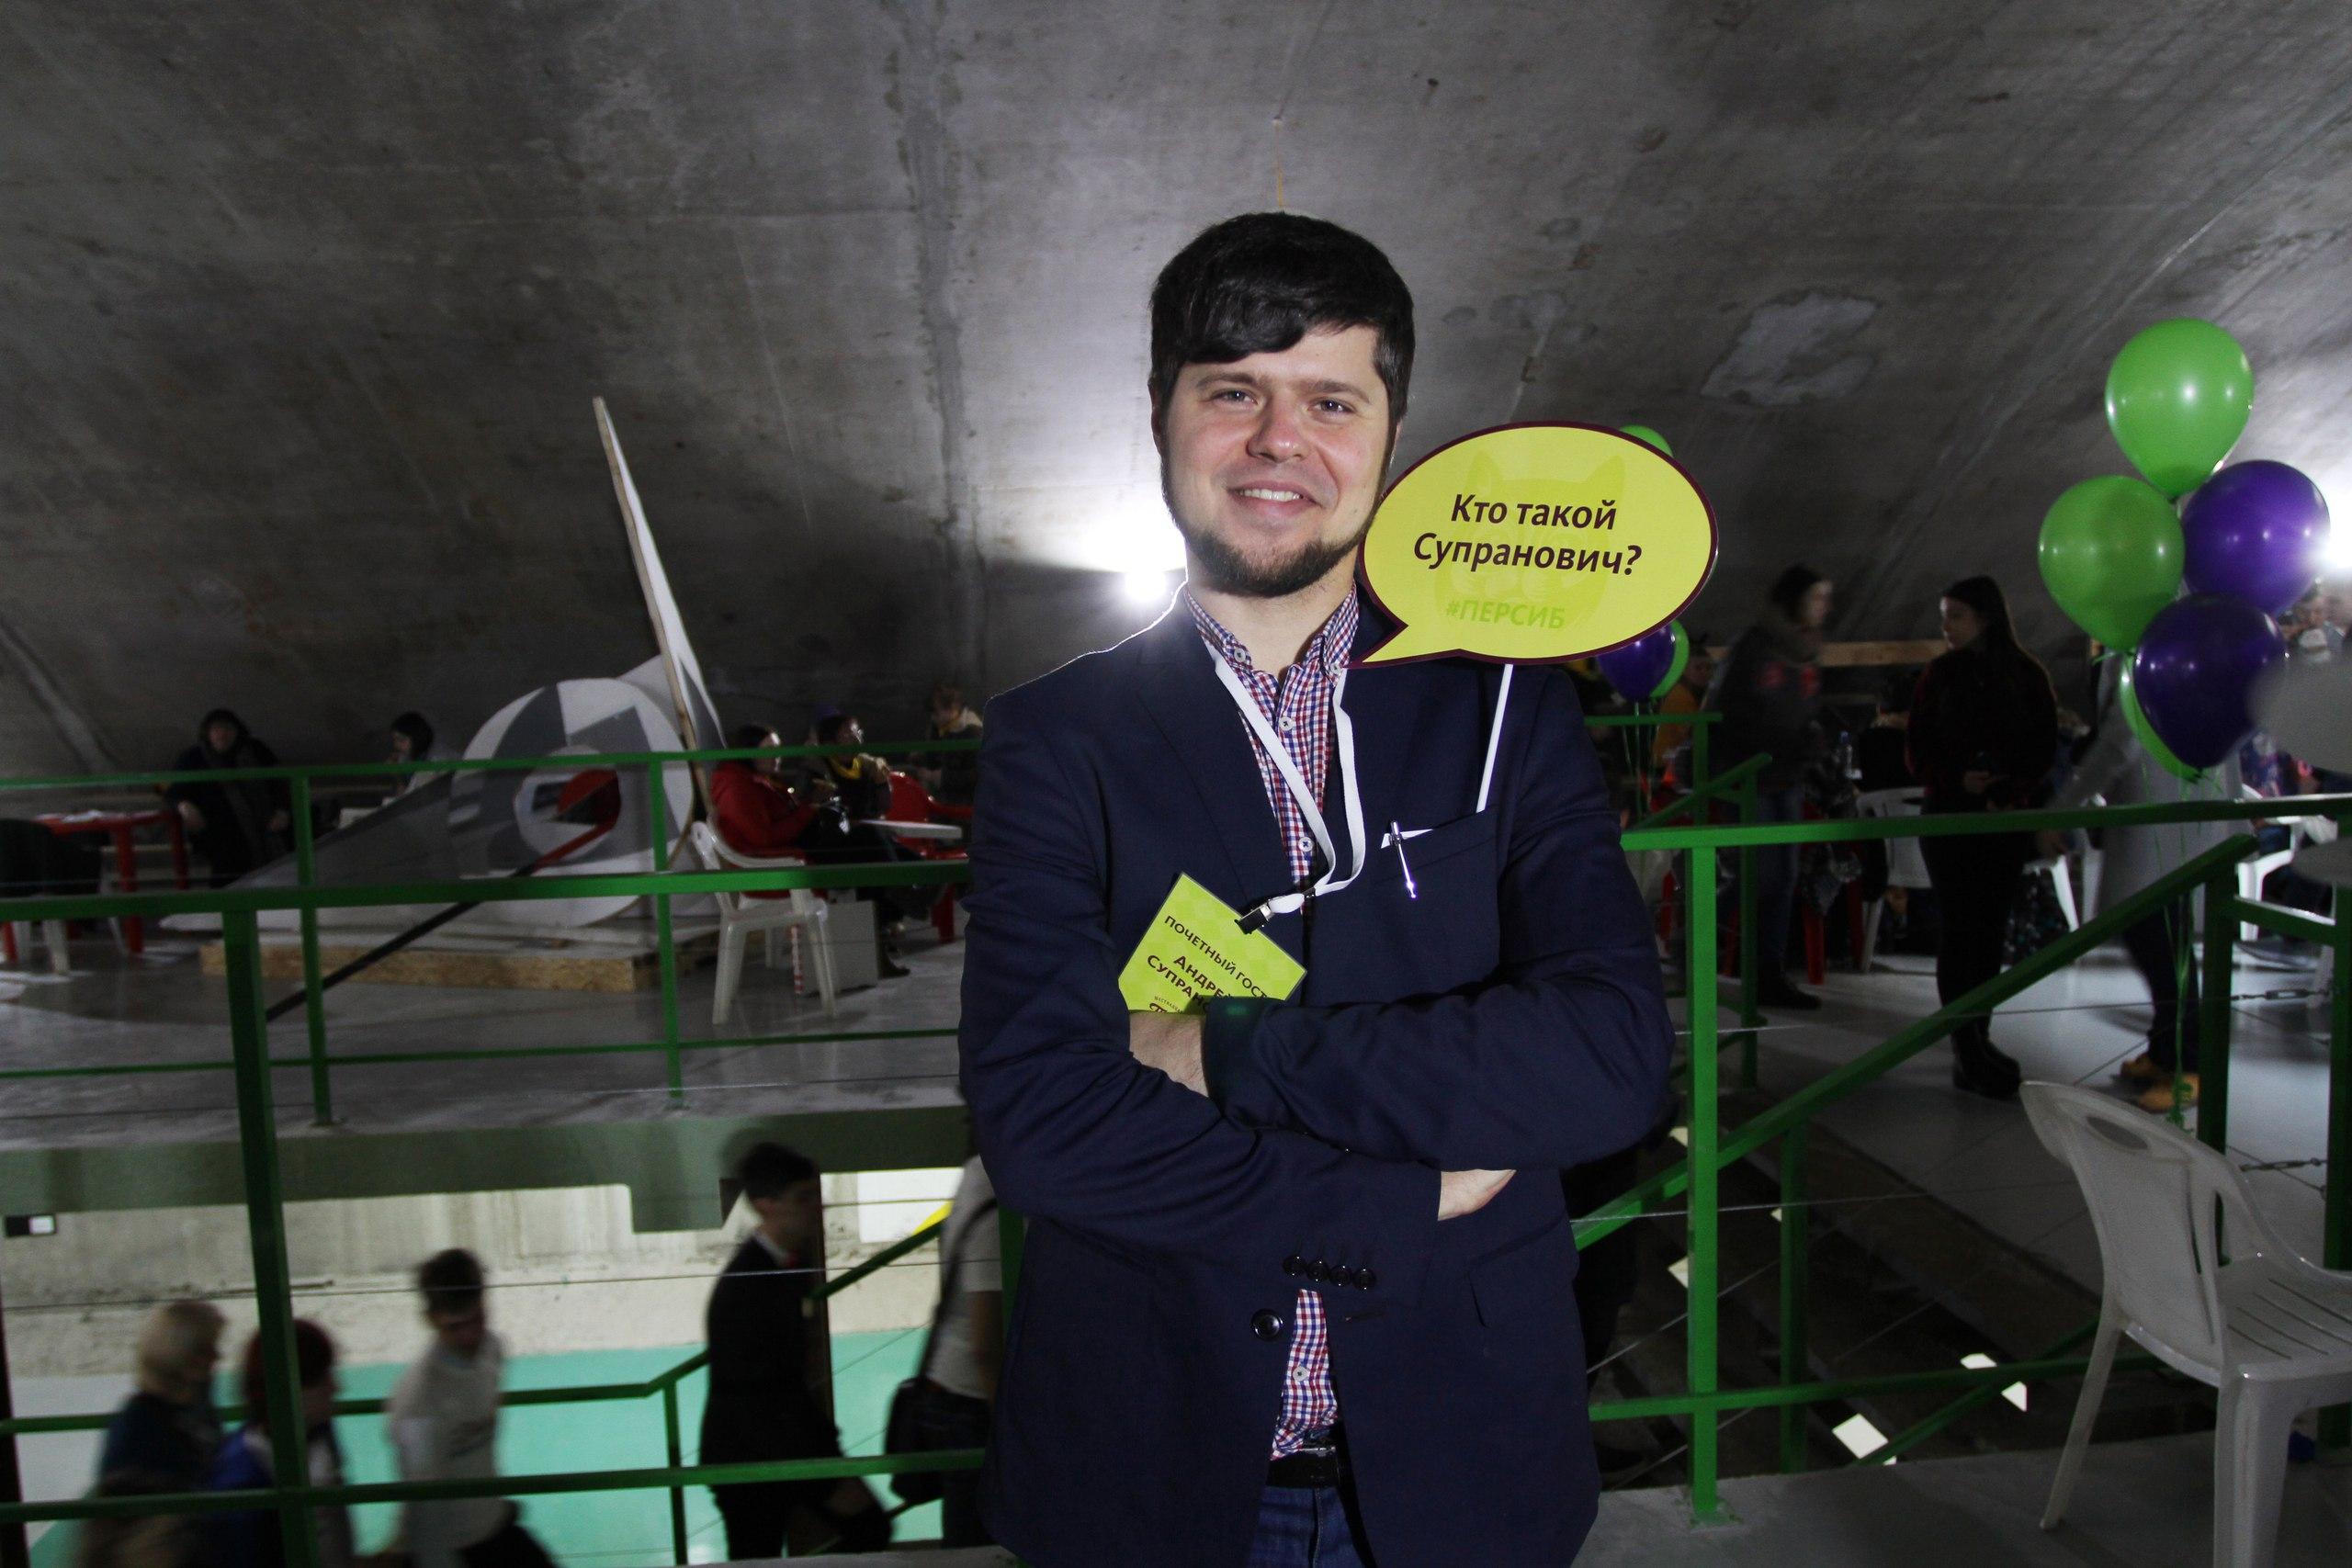 Андрей Супранович - почётный гость XVI Открытого Первенства Сибири по интеллектуальным играм (2017) (фото)